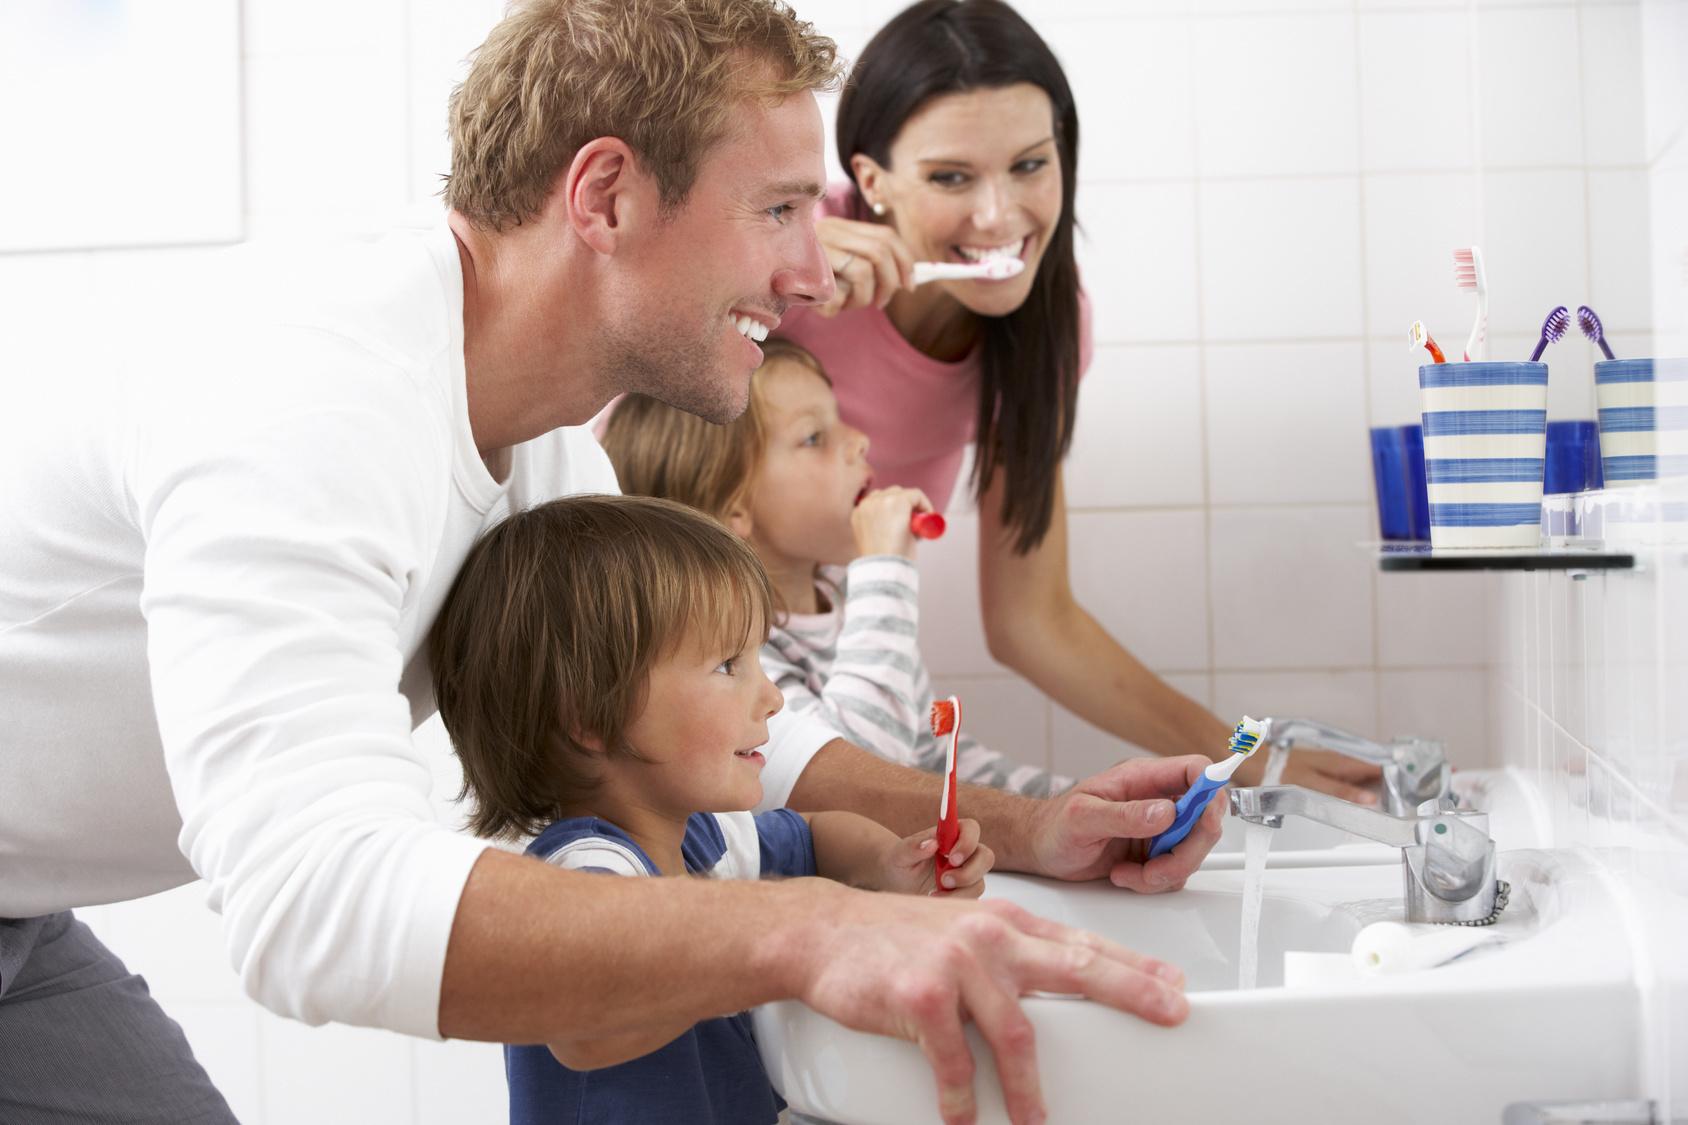 Elektroinstallation Planen - Ratgeber, tips fürs Badezimmer ✅